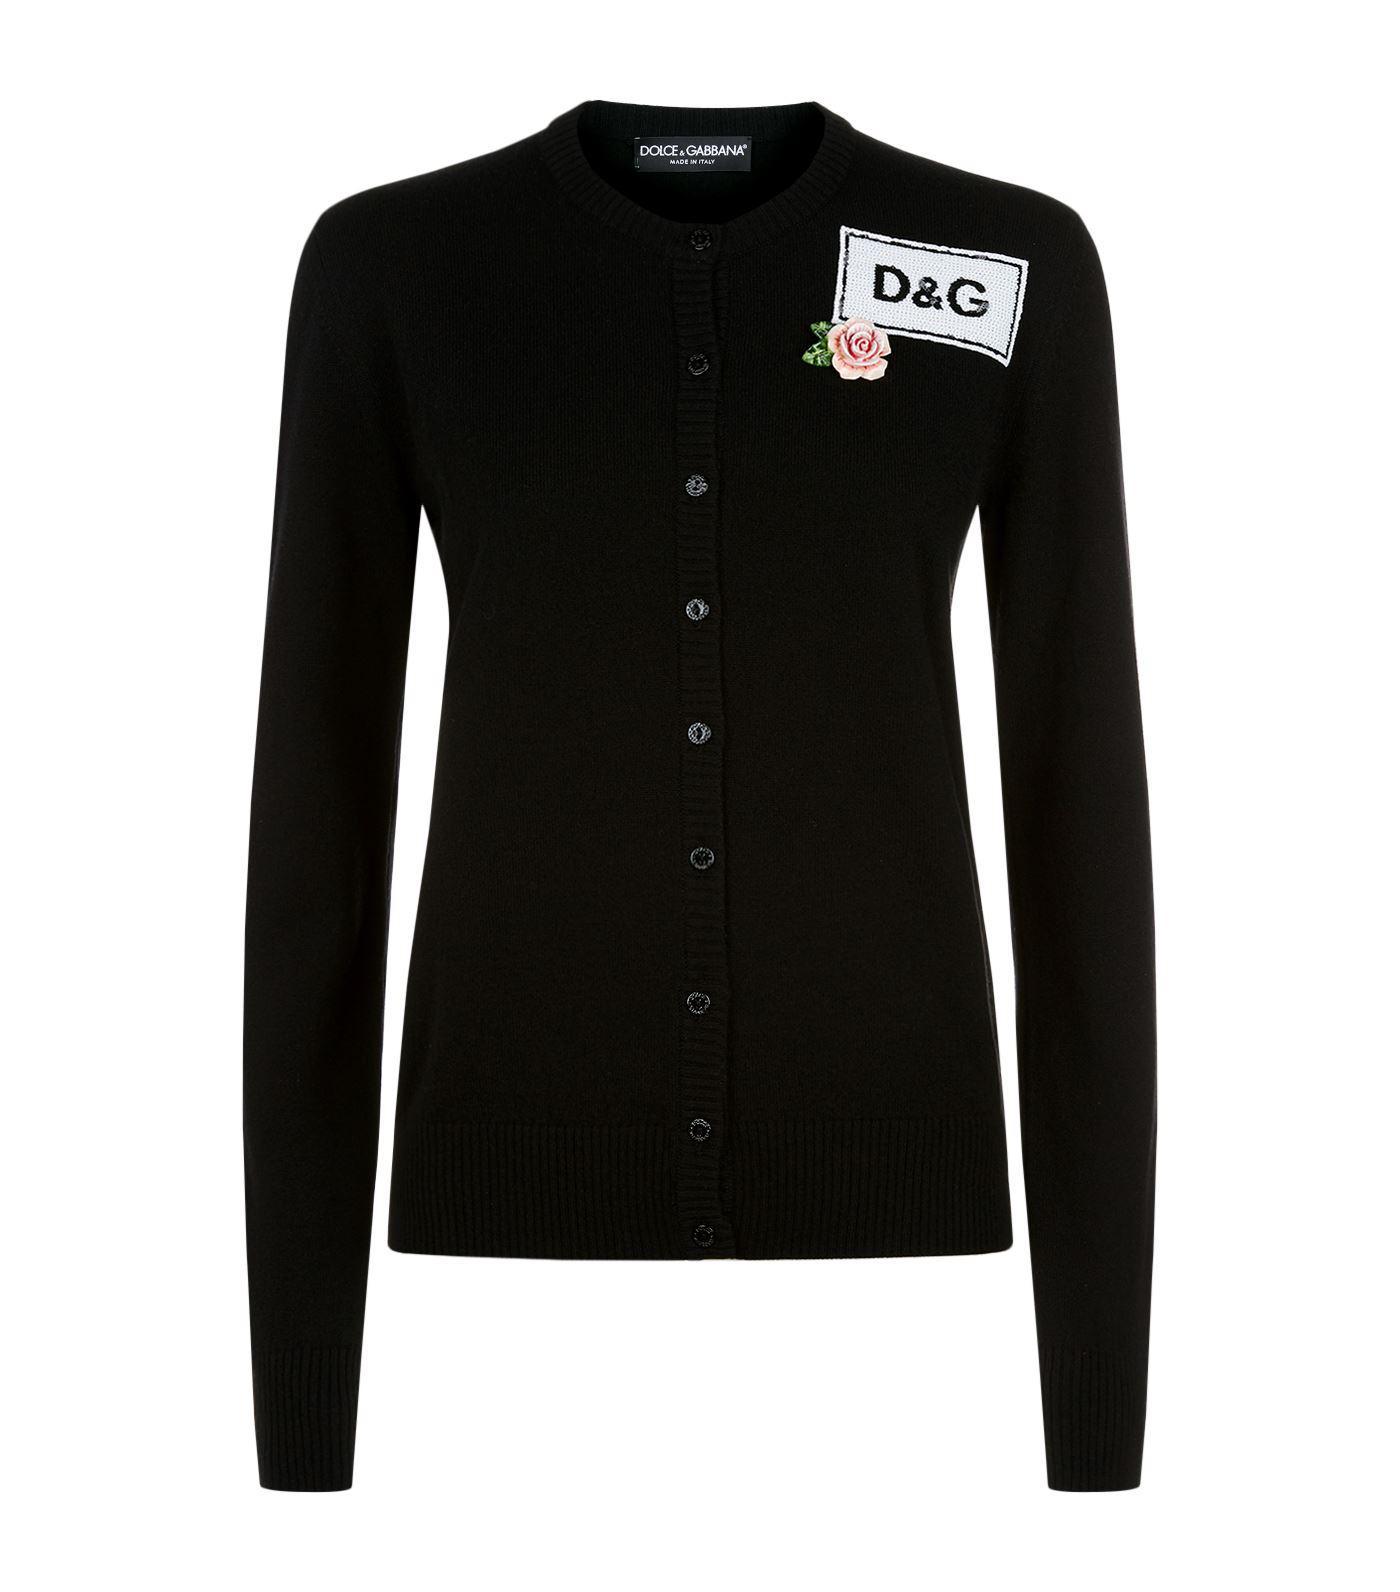 Dolce & gabbana Sequin Embellished Logo Cashmere Cardigan in Black ...